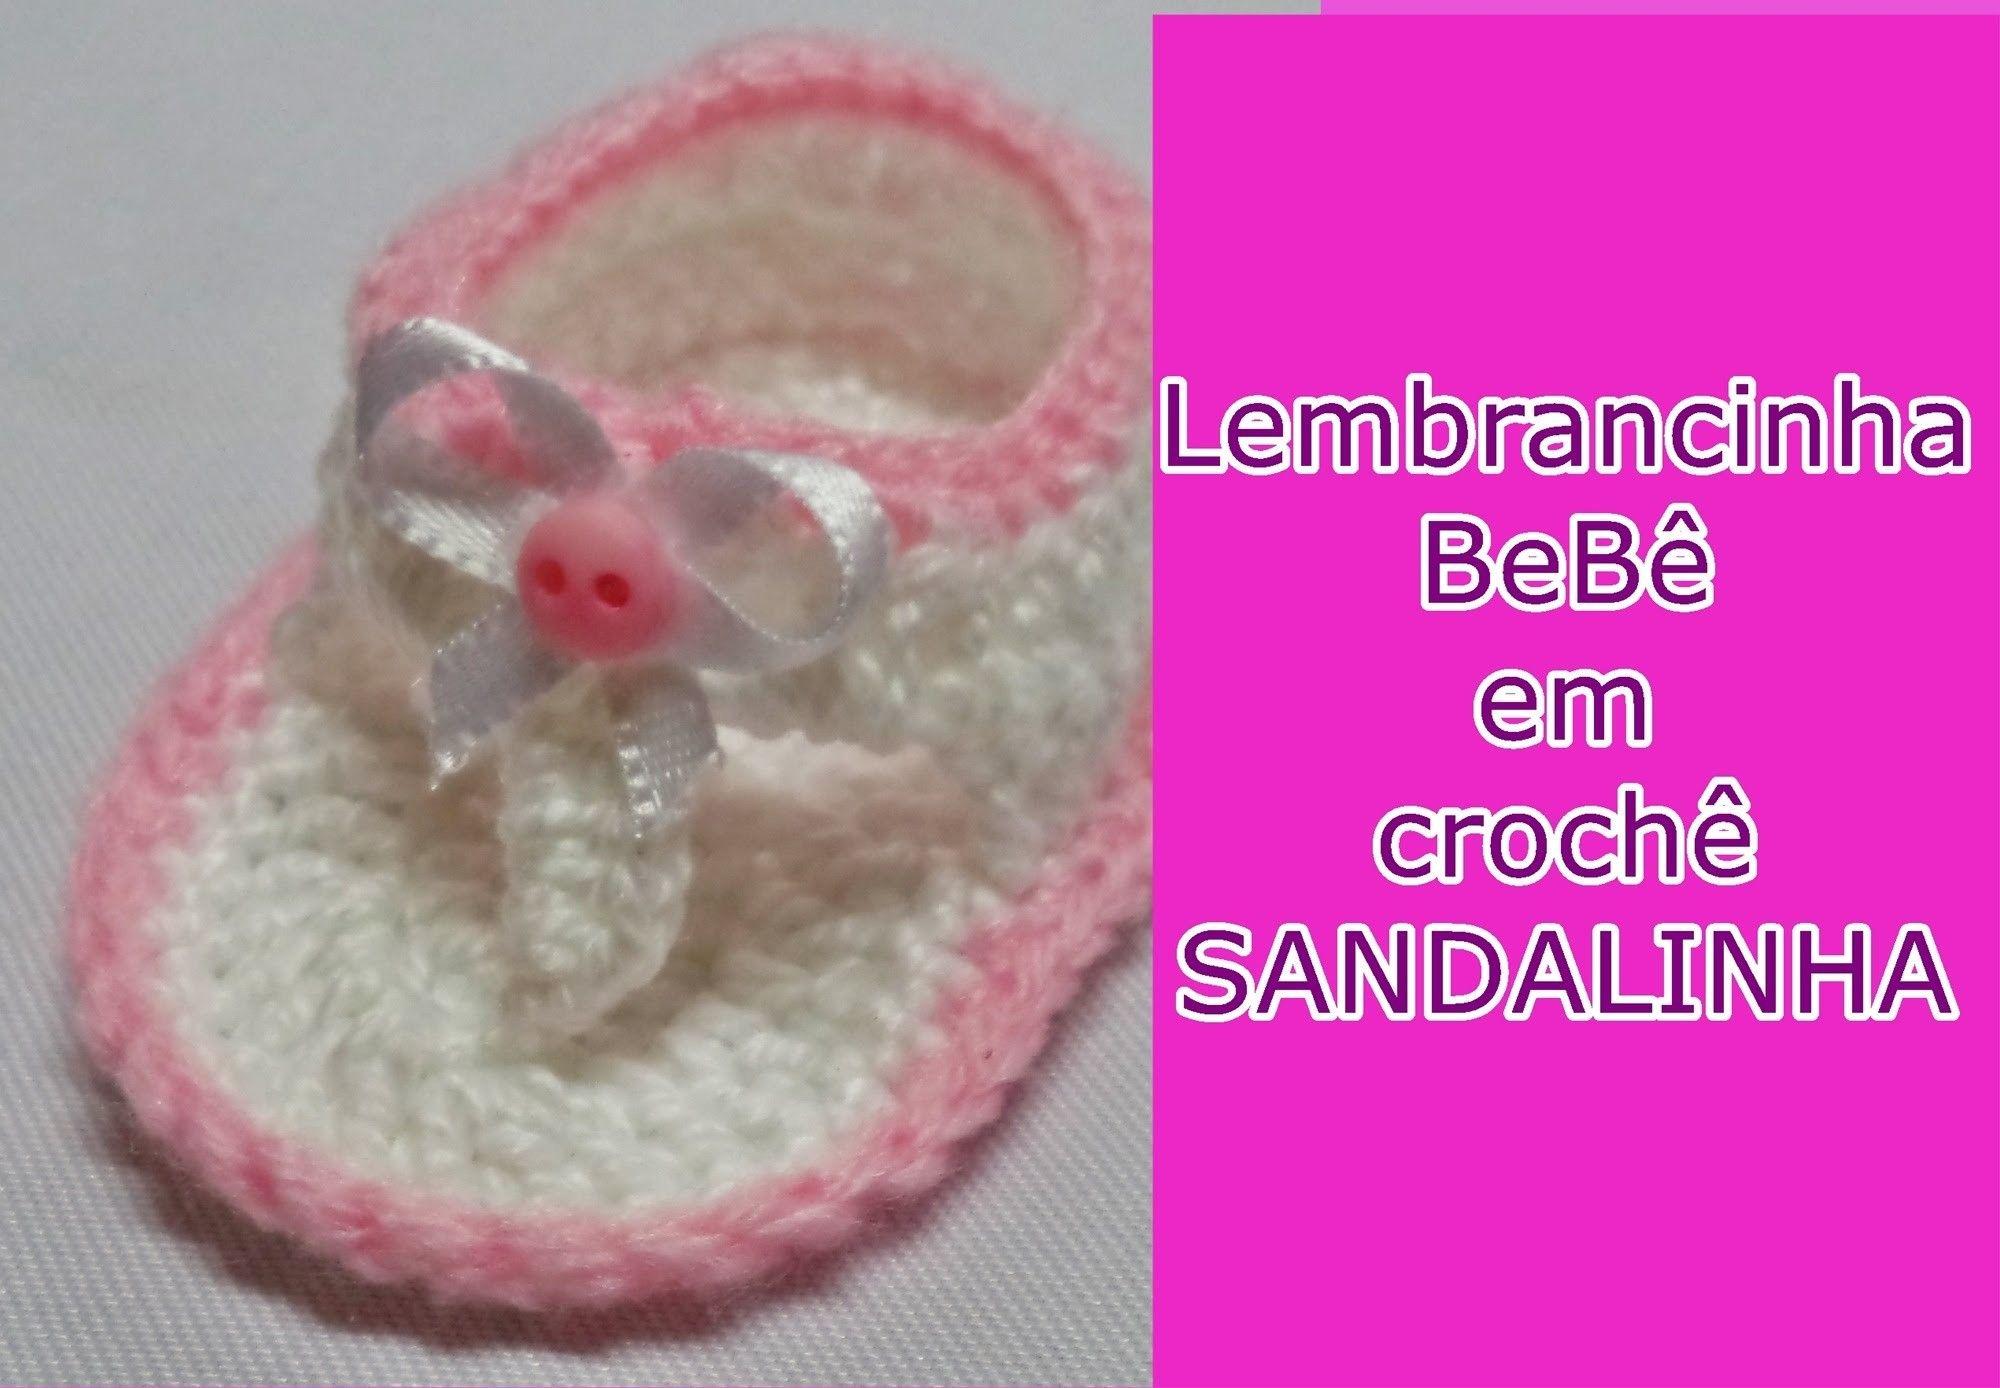 Diy - Lembrancinha Bebê em Crochê Nº 2 - Sandalinha Fácil e Rápida - Graça Tristão